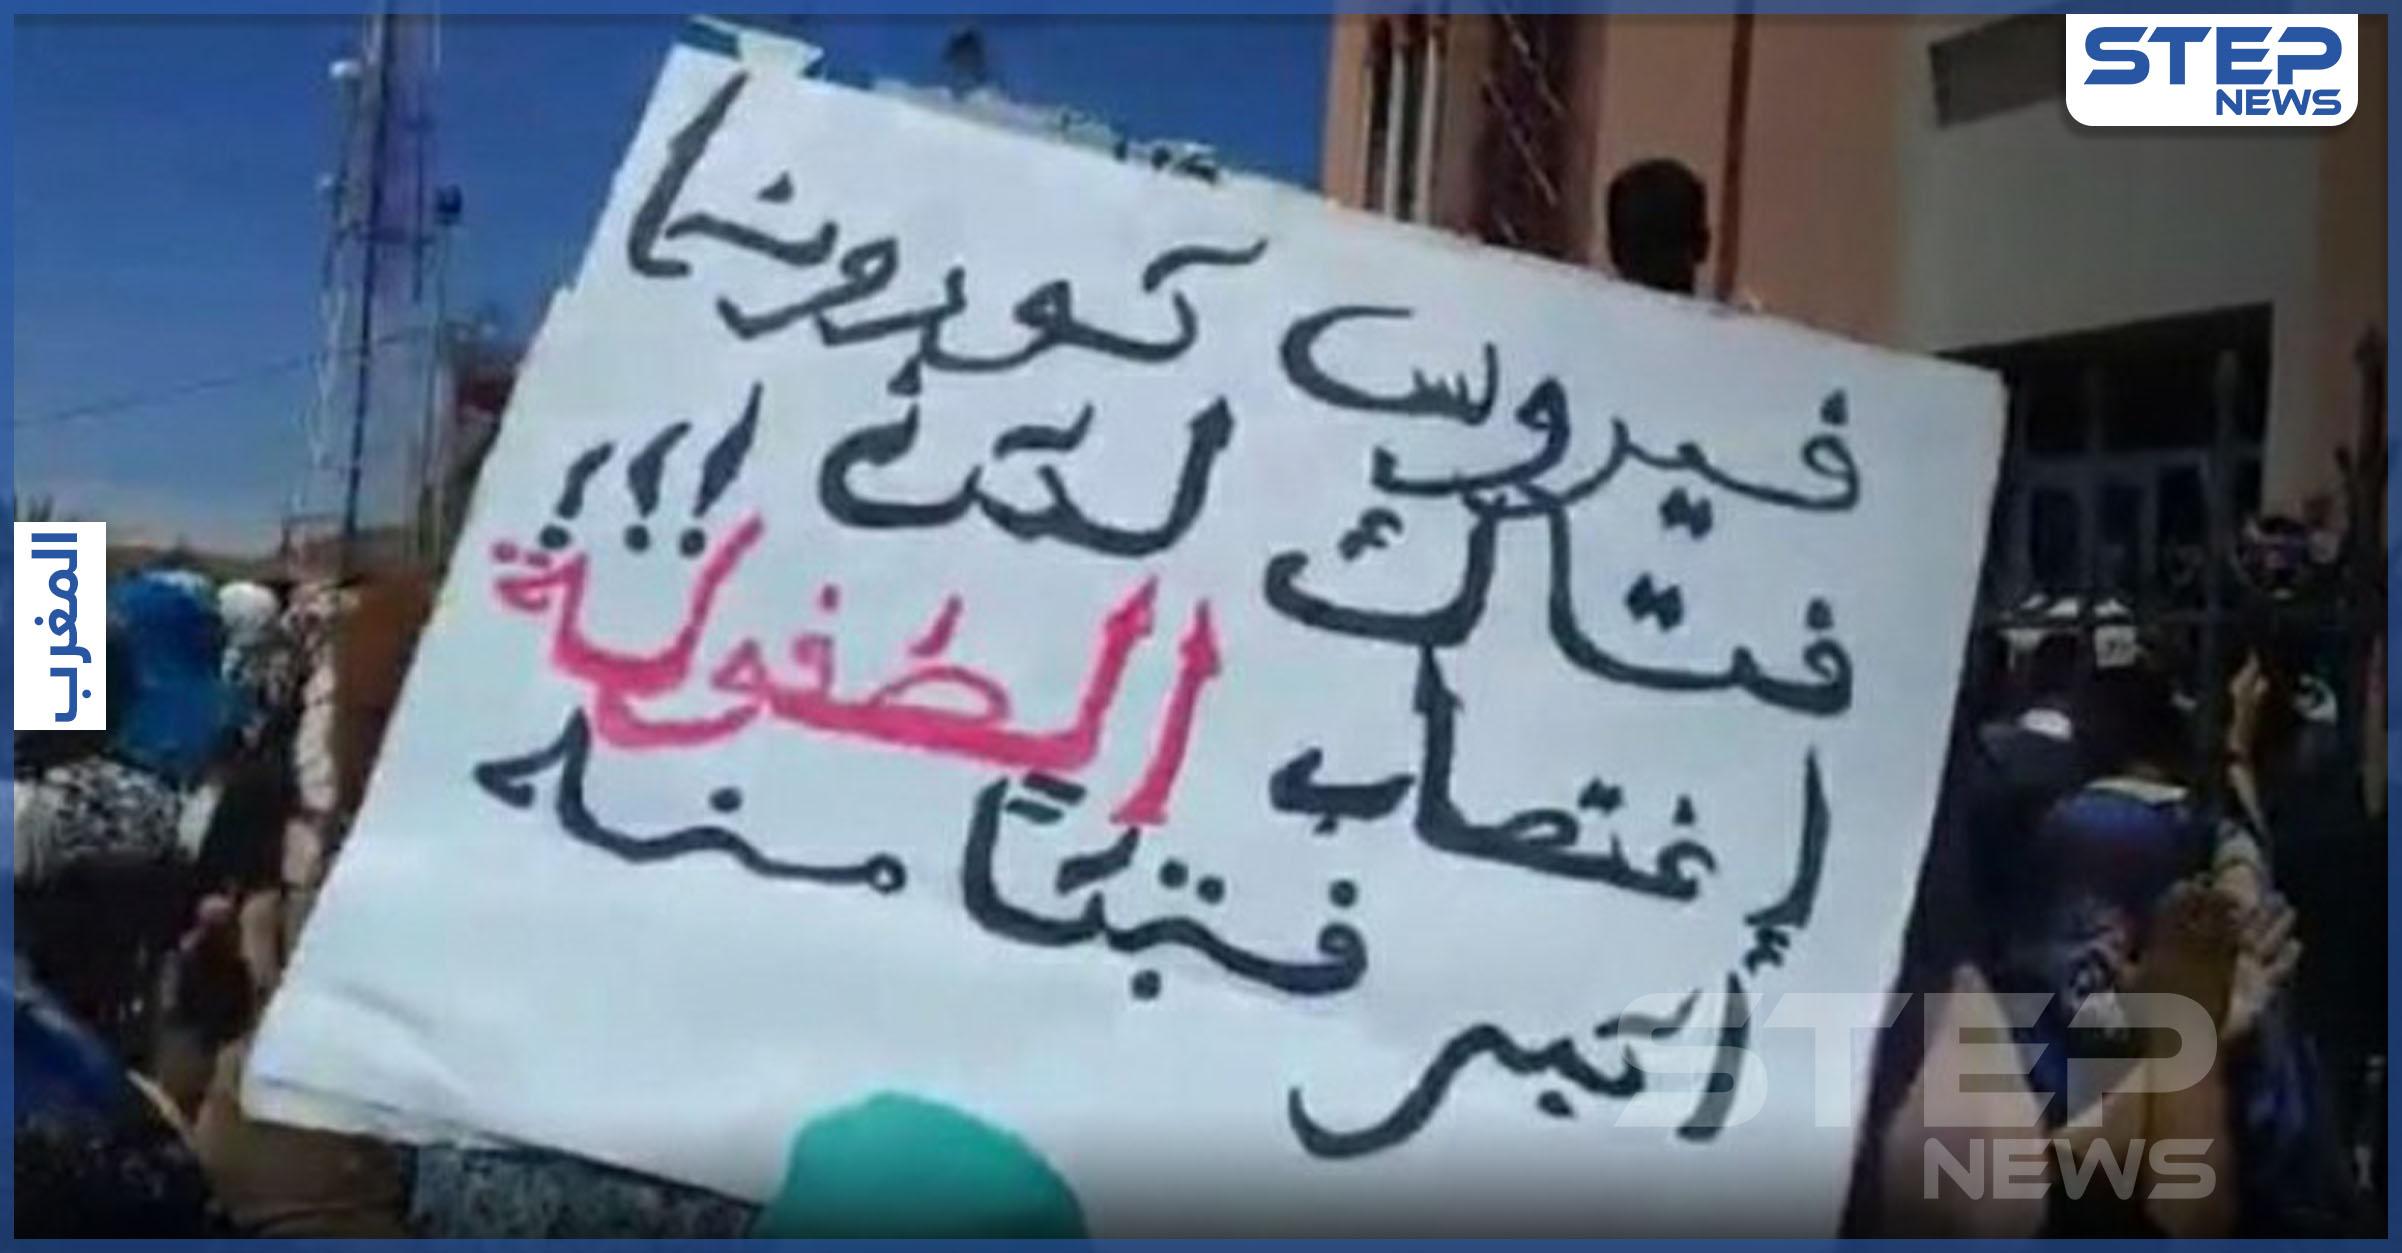 اغتصاب طفلة بالمغرب يثير احتجاجات وغضب شعبي